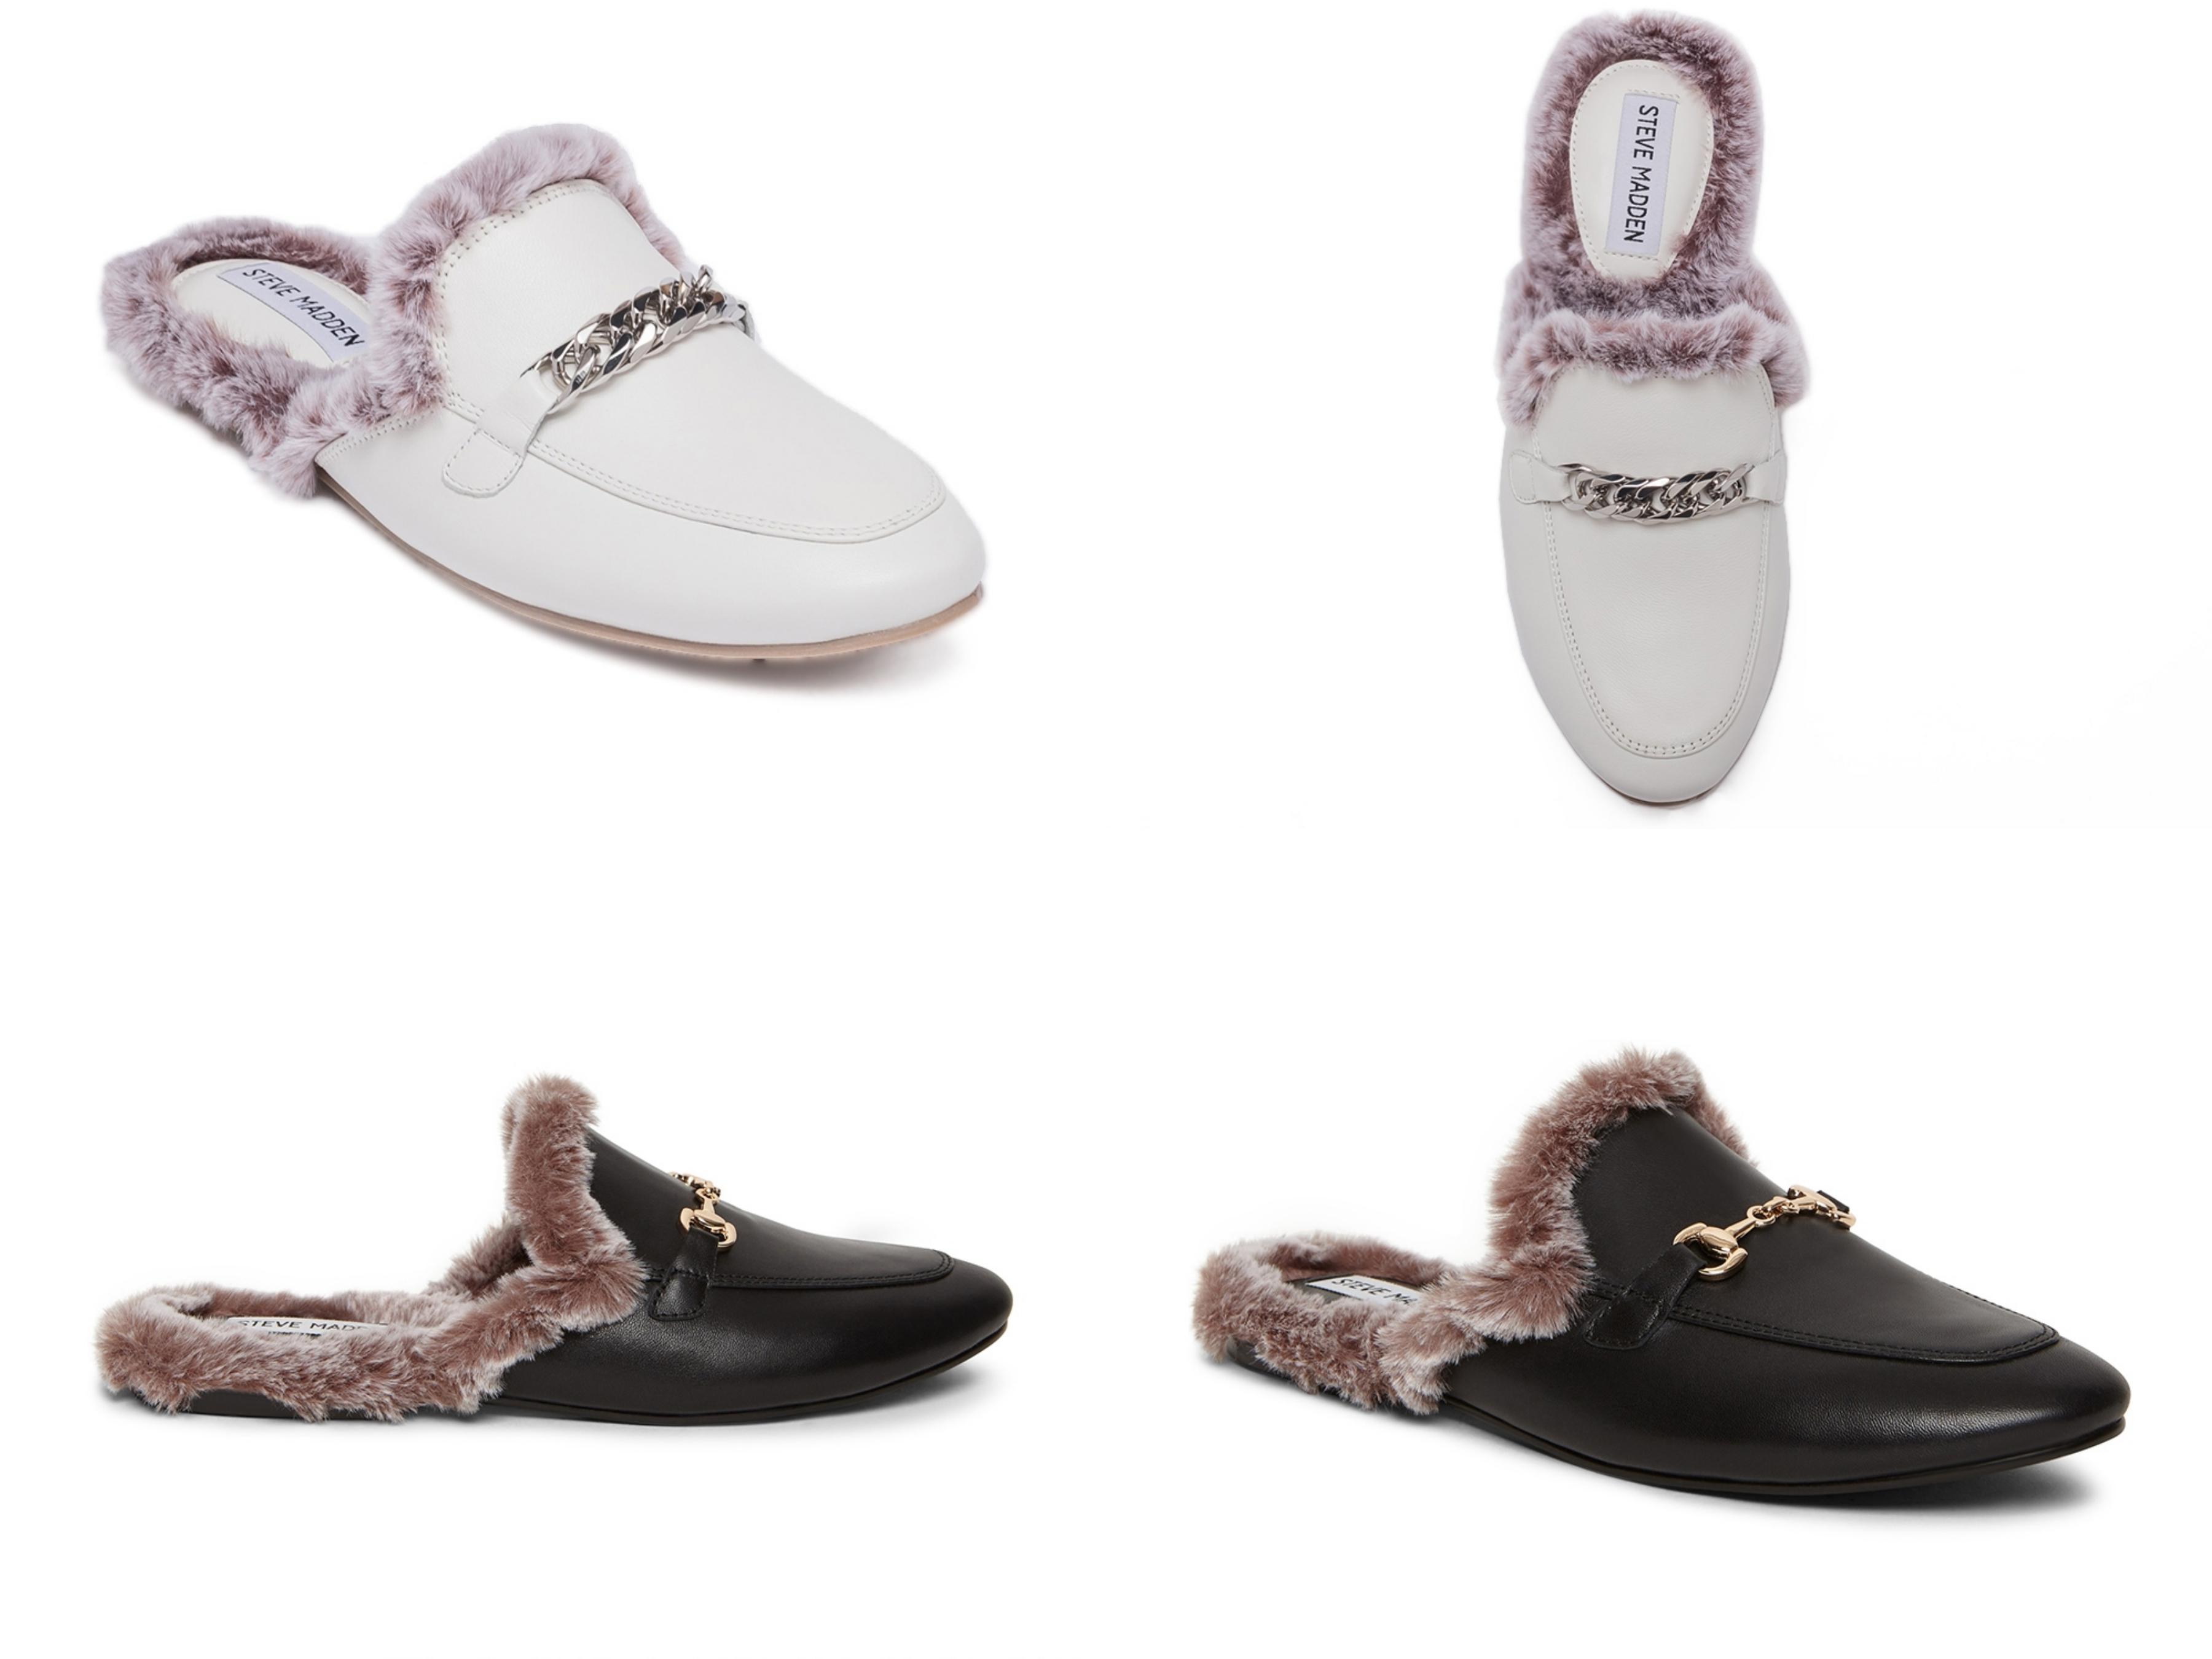 席捲歐美的穆勒鞋在今年強勢登場,歐美女星私著款